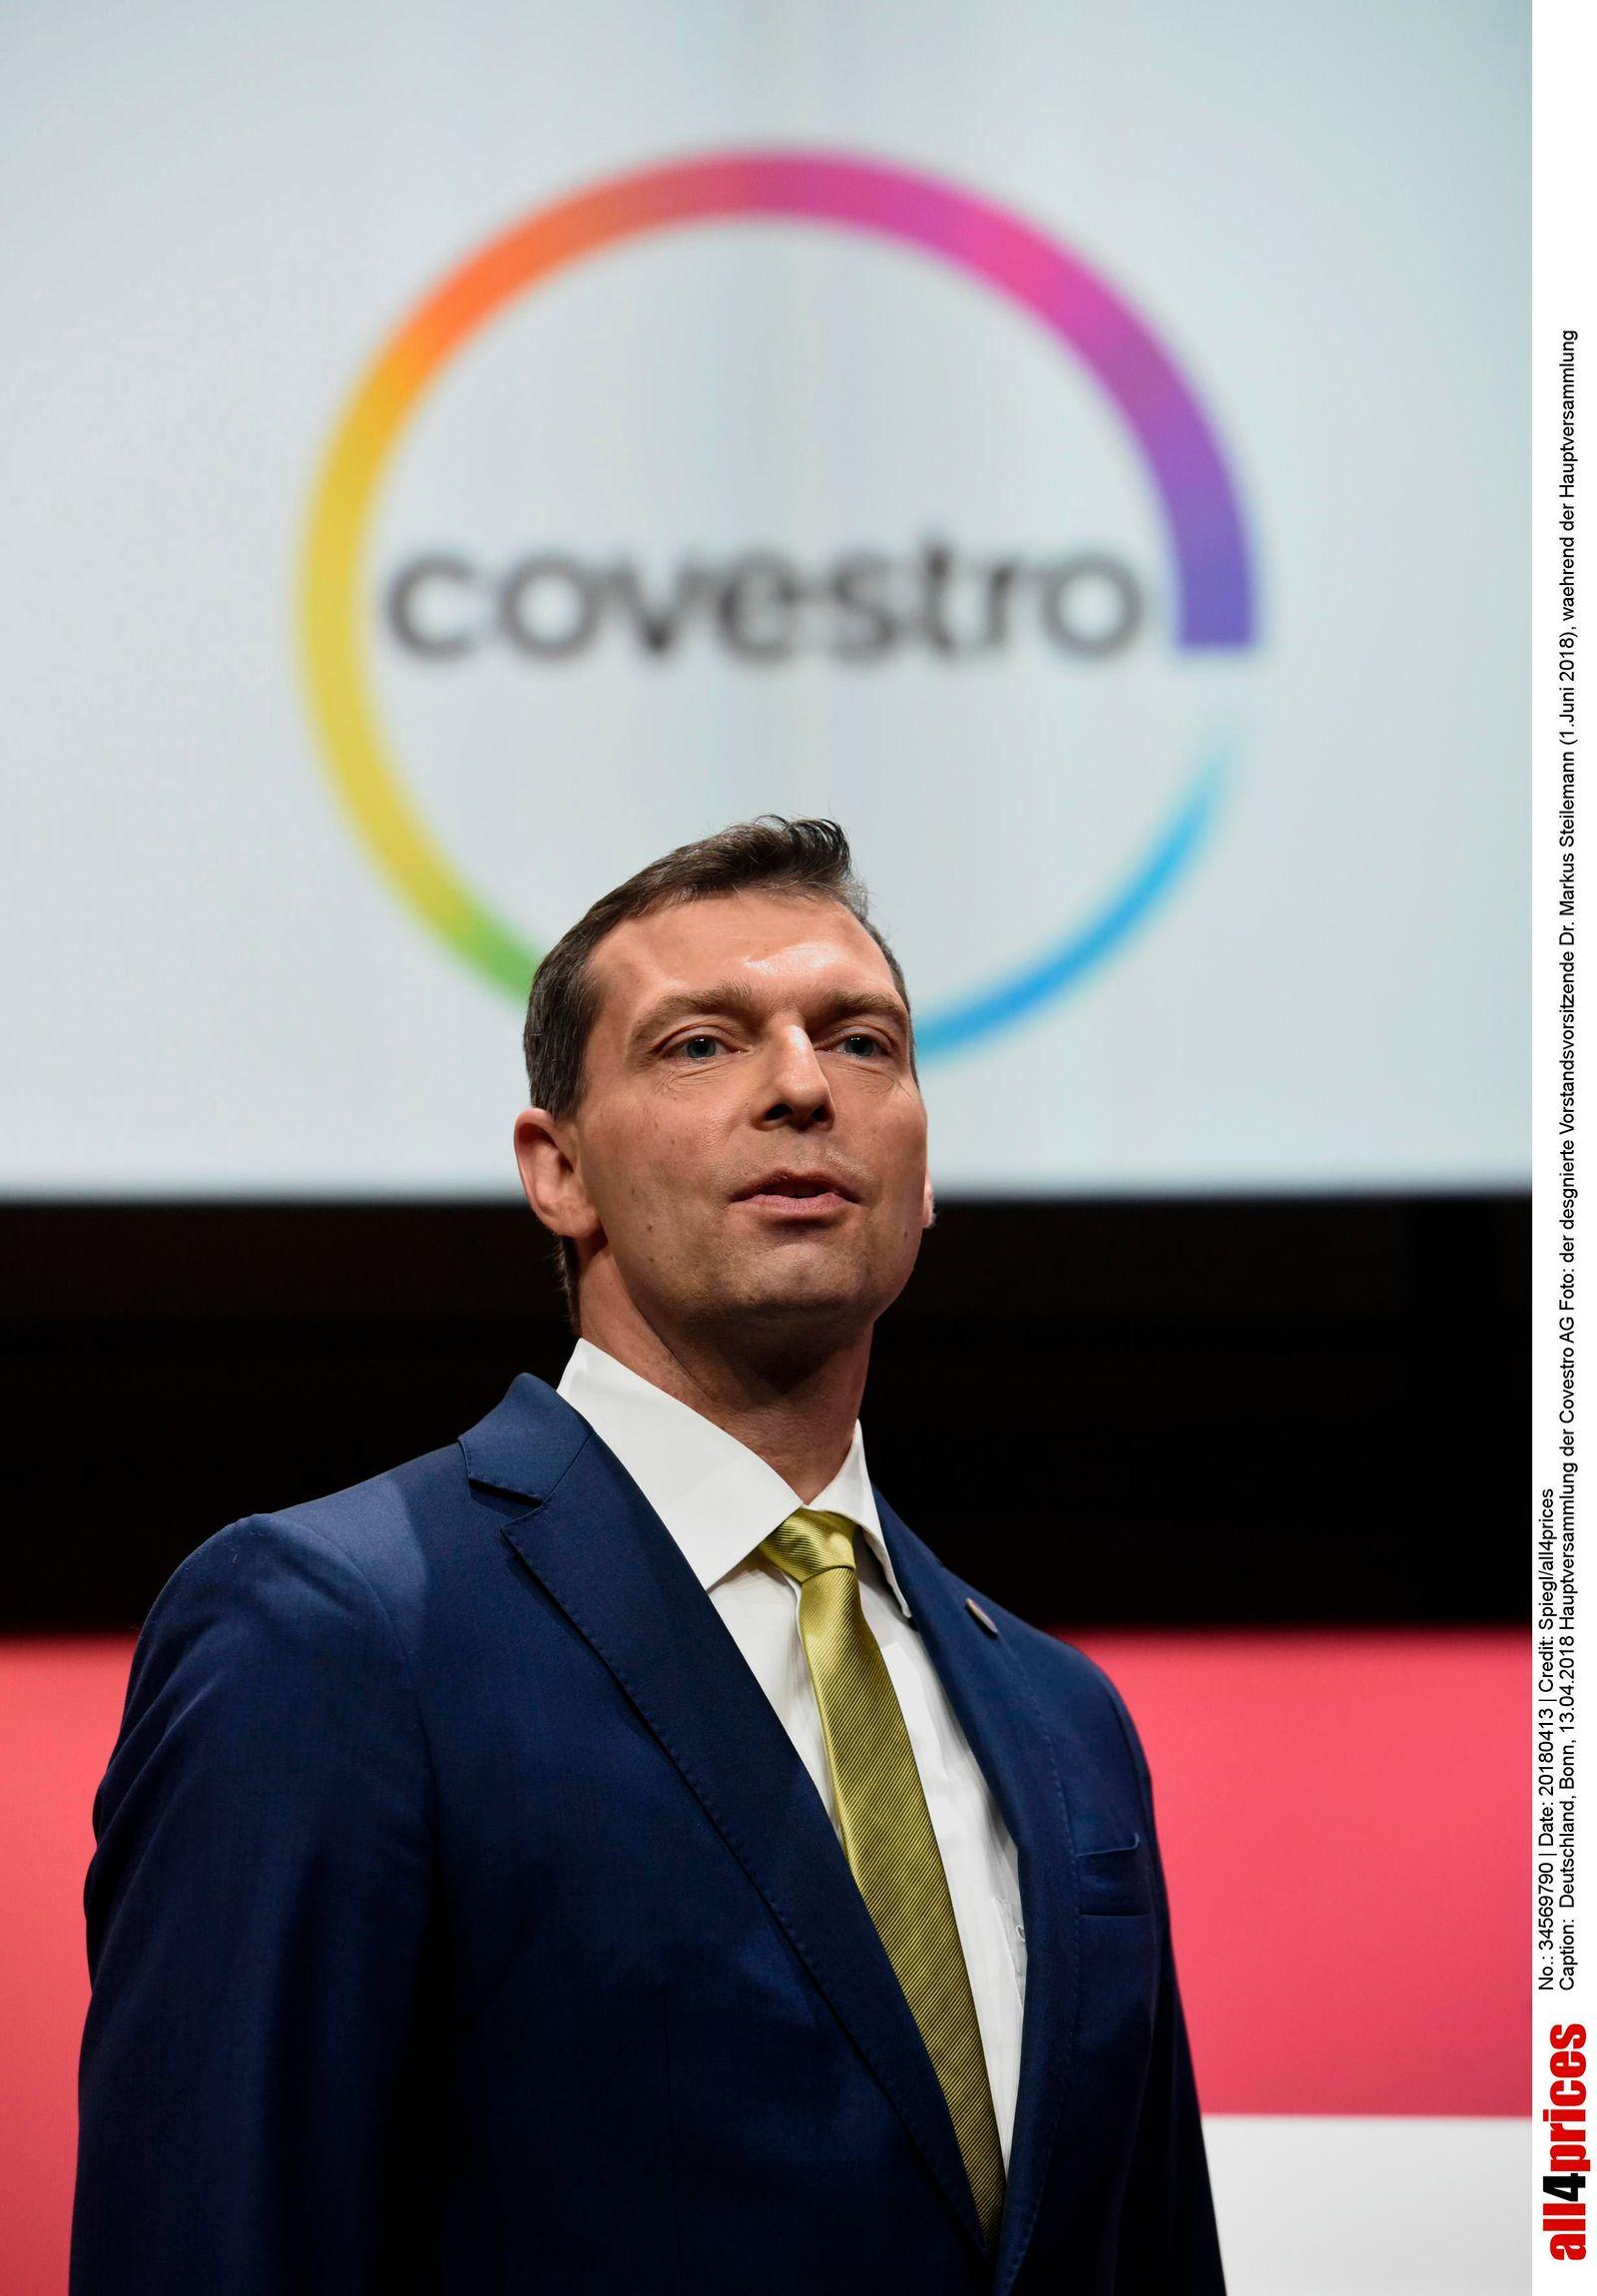 Hauptversammlung der Covestro AG